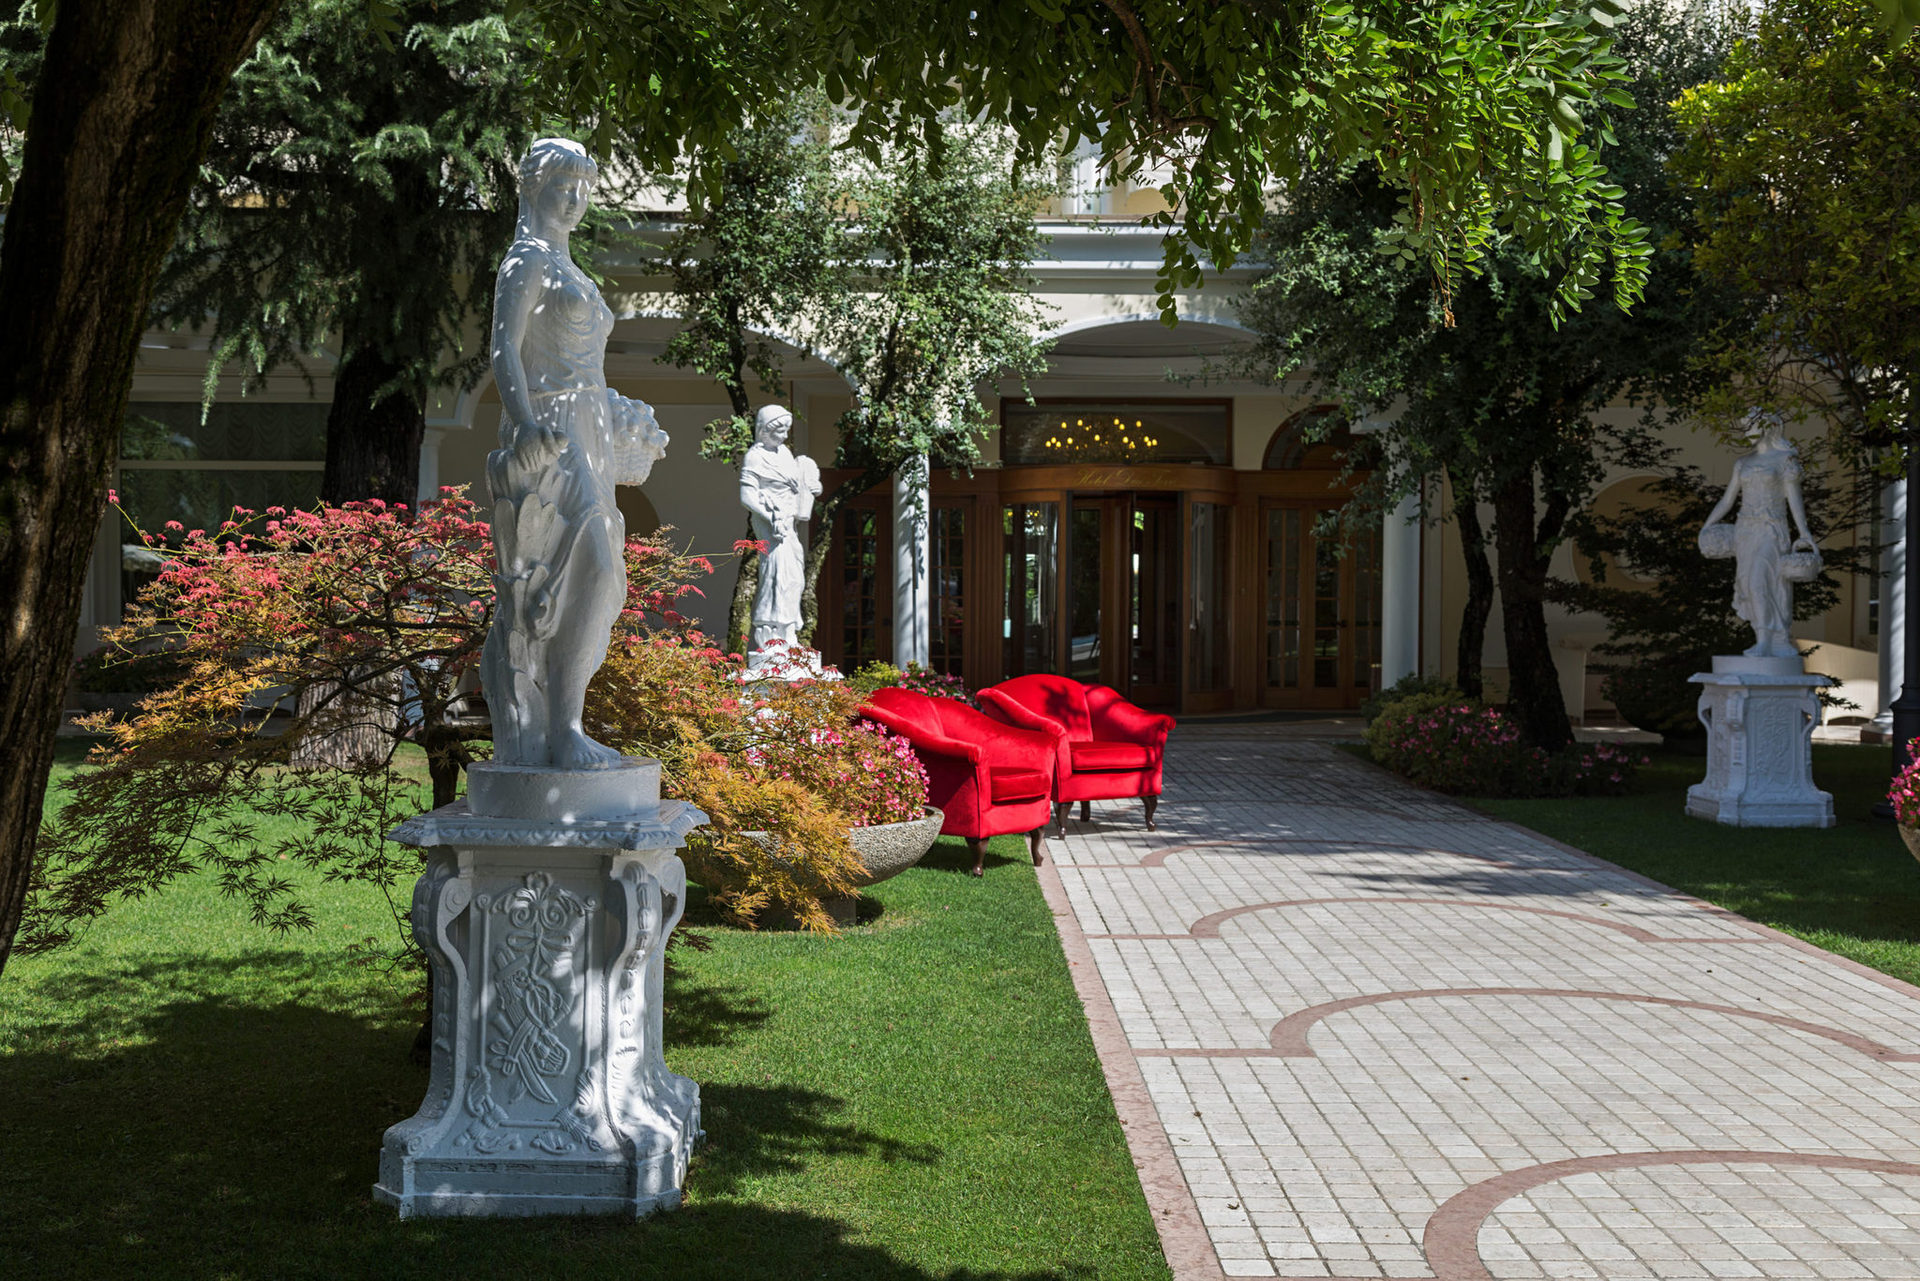 Поблизу розташований старовинний сад Монтірон, з якого почалась історія курорту Абано Терме. У цьому саду, де все дихає історією, прогулянка стане особливо приємною і заспокійливою.